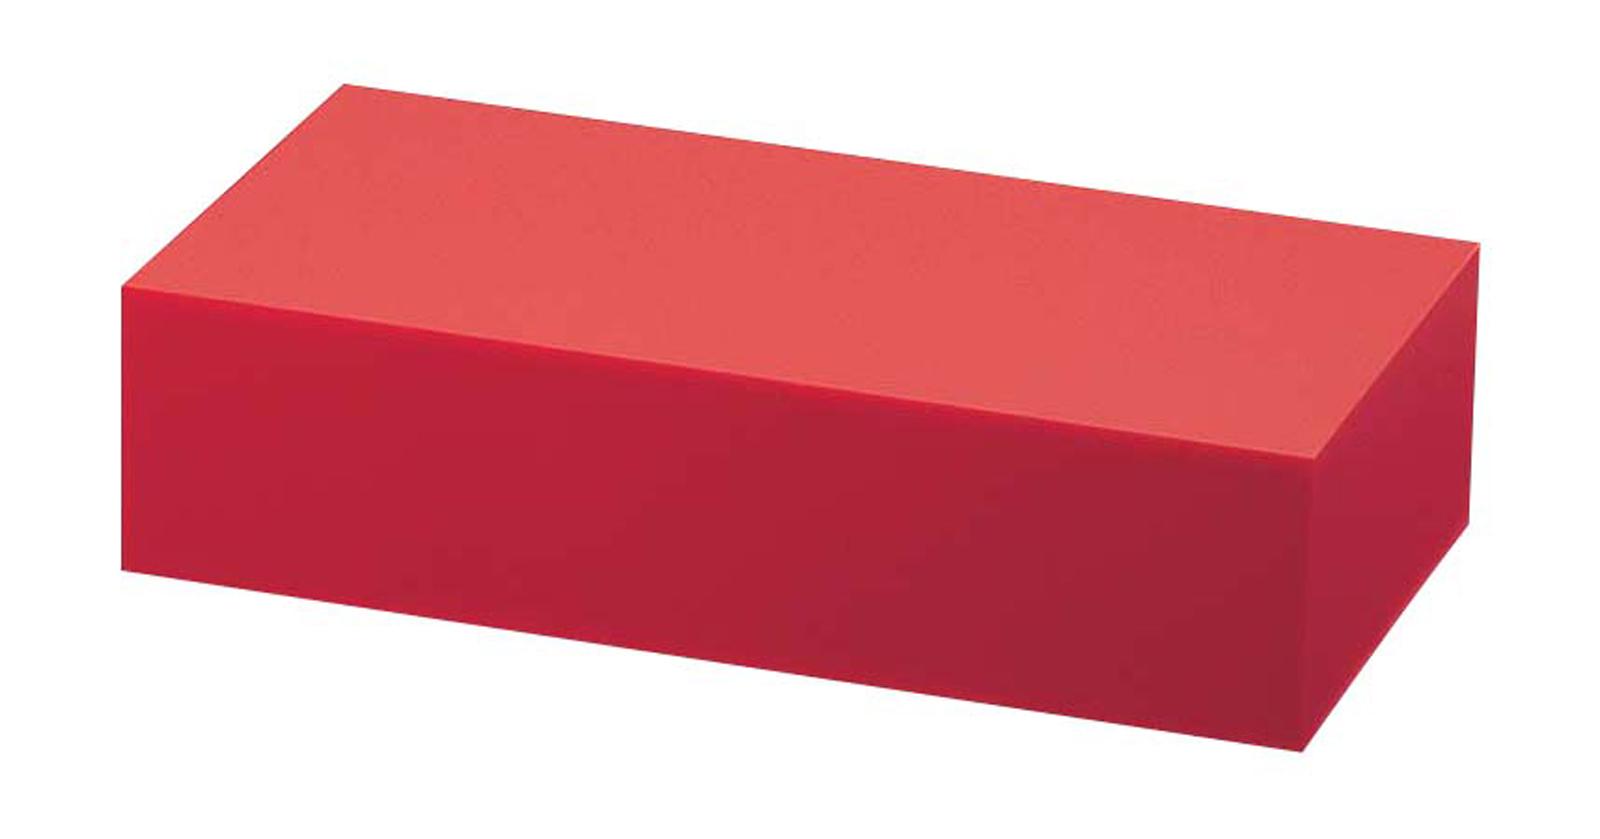 アクリル ディスプレイBOX 中 朱マット B30-6 【卓上用品 バンケットウェア 宴会備品 皿 飾台 卓上器物 業務用 販売 通販】 [7-1594-1101 6-1530-1101 ]